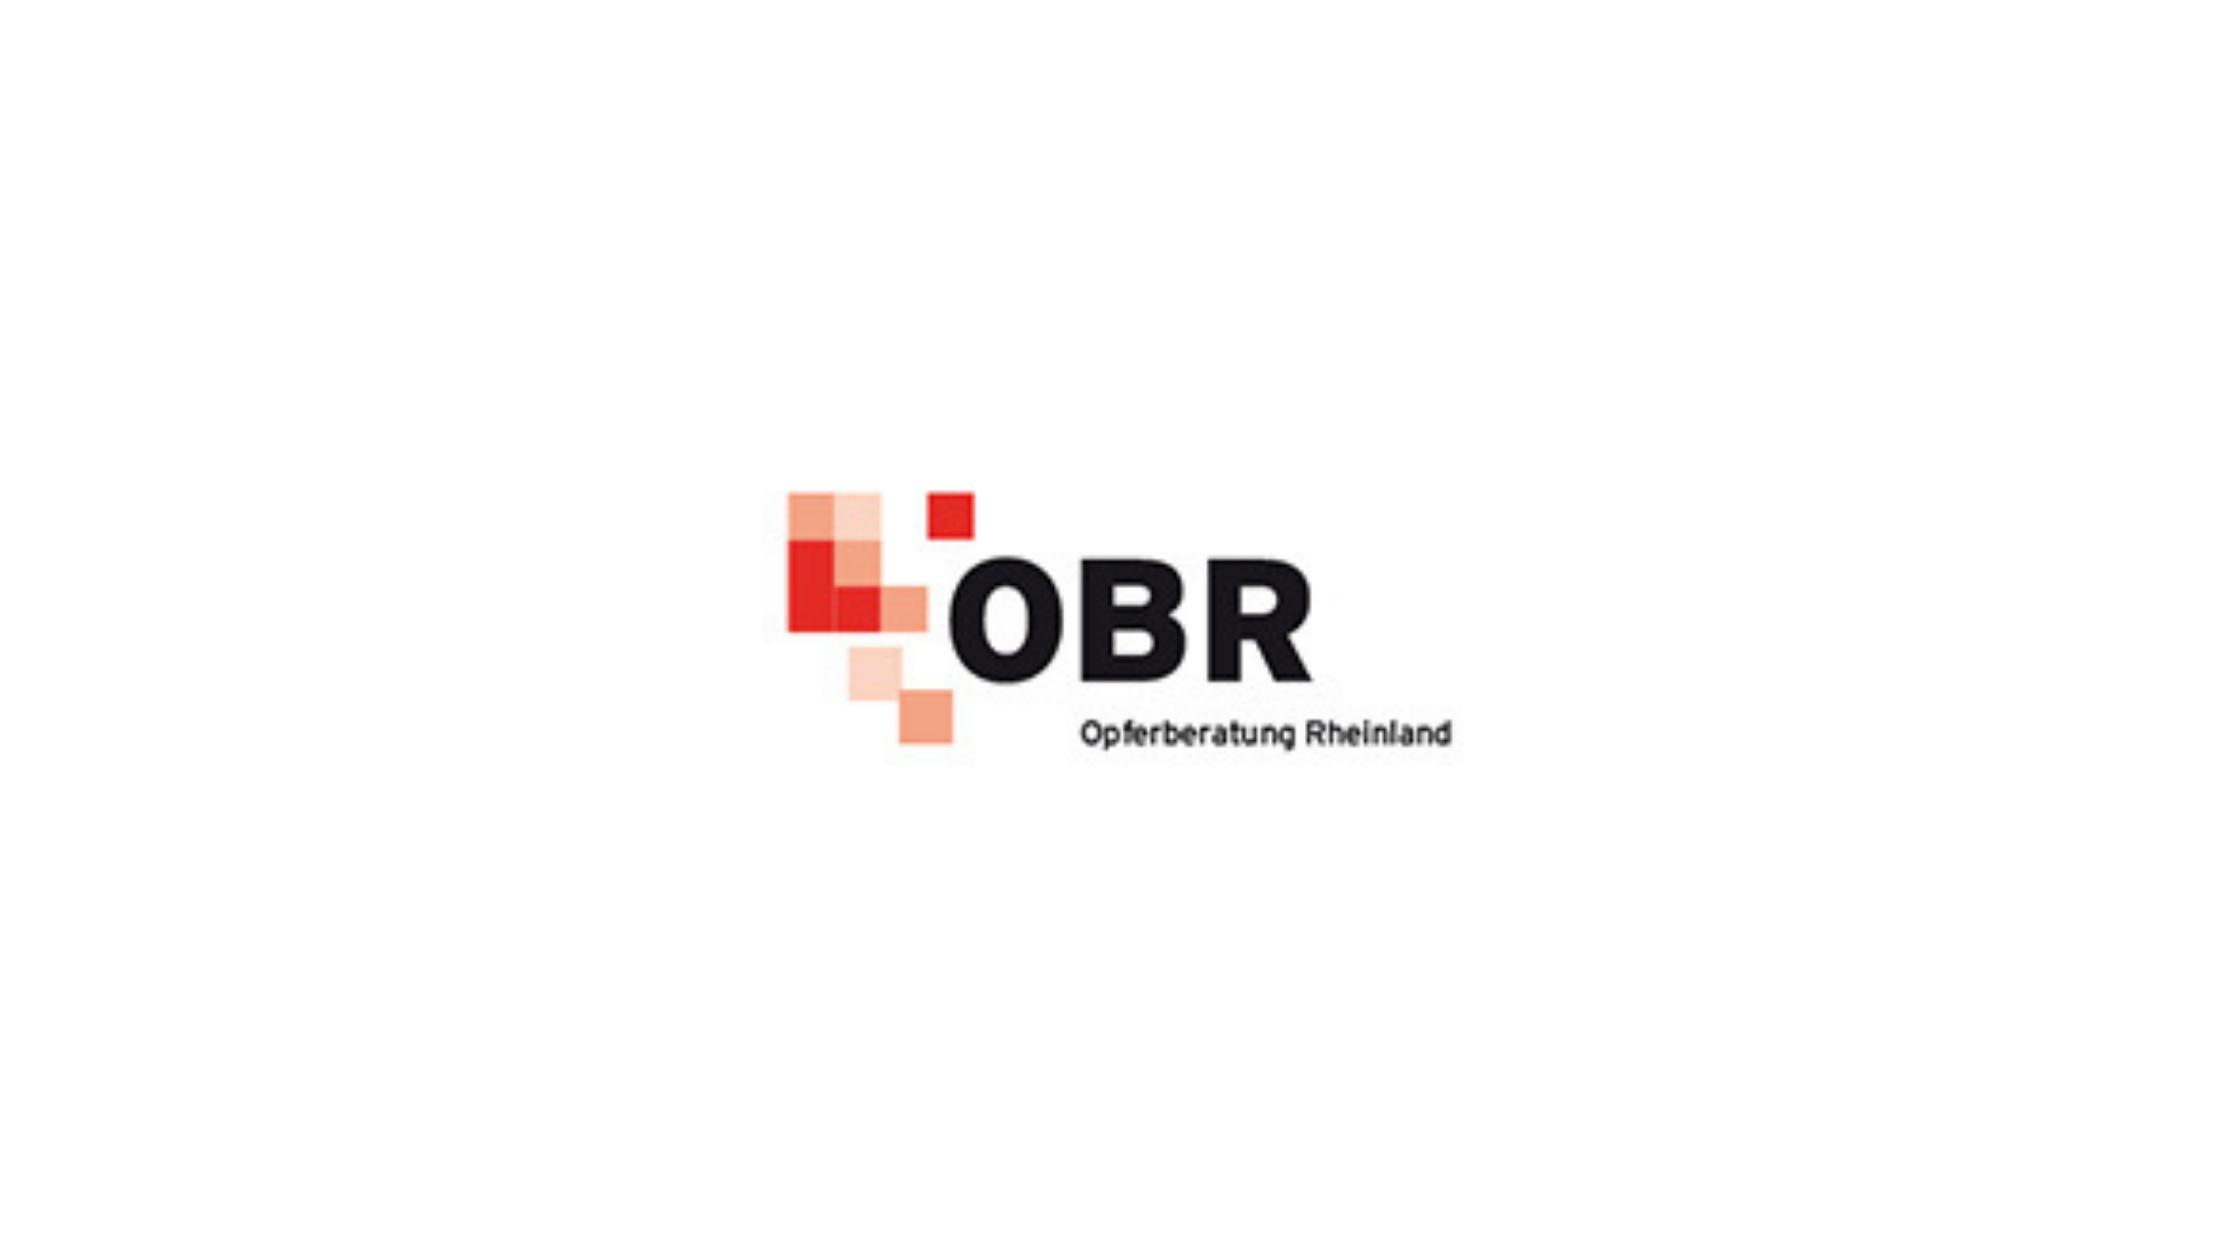 Logo der Beratungsstelle OBR: Opferberatung Rheinland. Neben roten und hellroten Kacheln stehen die Buchstaben OBR. Darunter steht: Opferberatung Rheinland.